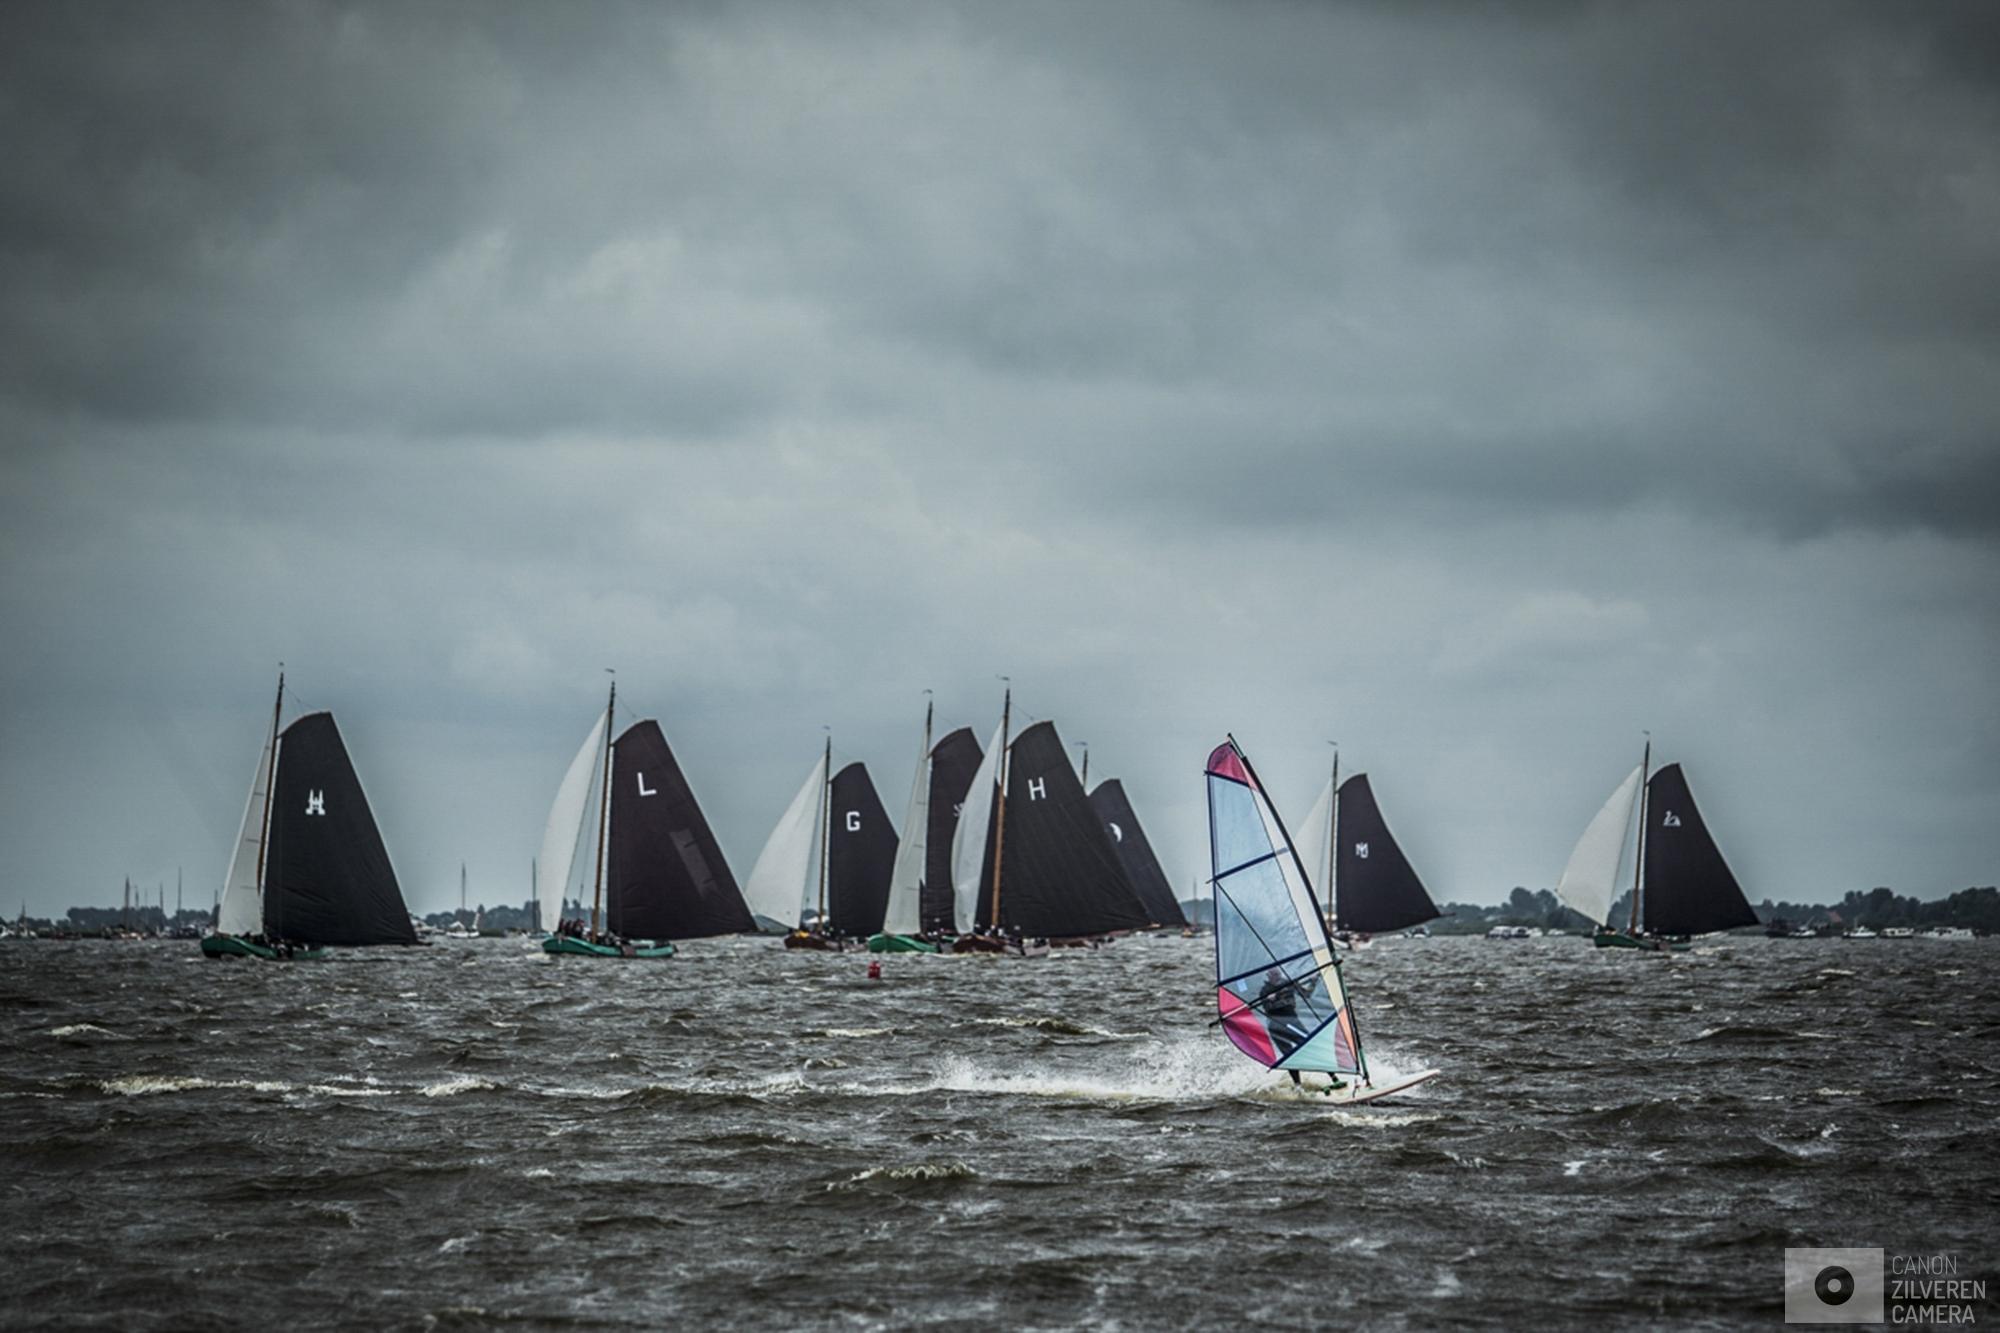 TERHERNE - Skutsjes in actie op het water bij Terherne tijdens de vierde wedstrijd van het traditionele skutsjesilen. Twee weken lang strijden 14 traditionele Friese platbodems tegen elkaar op de meren van Friesland.